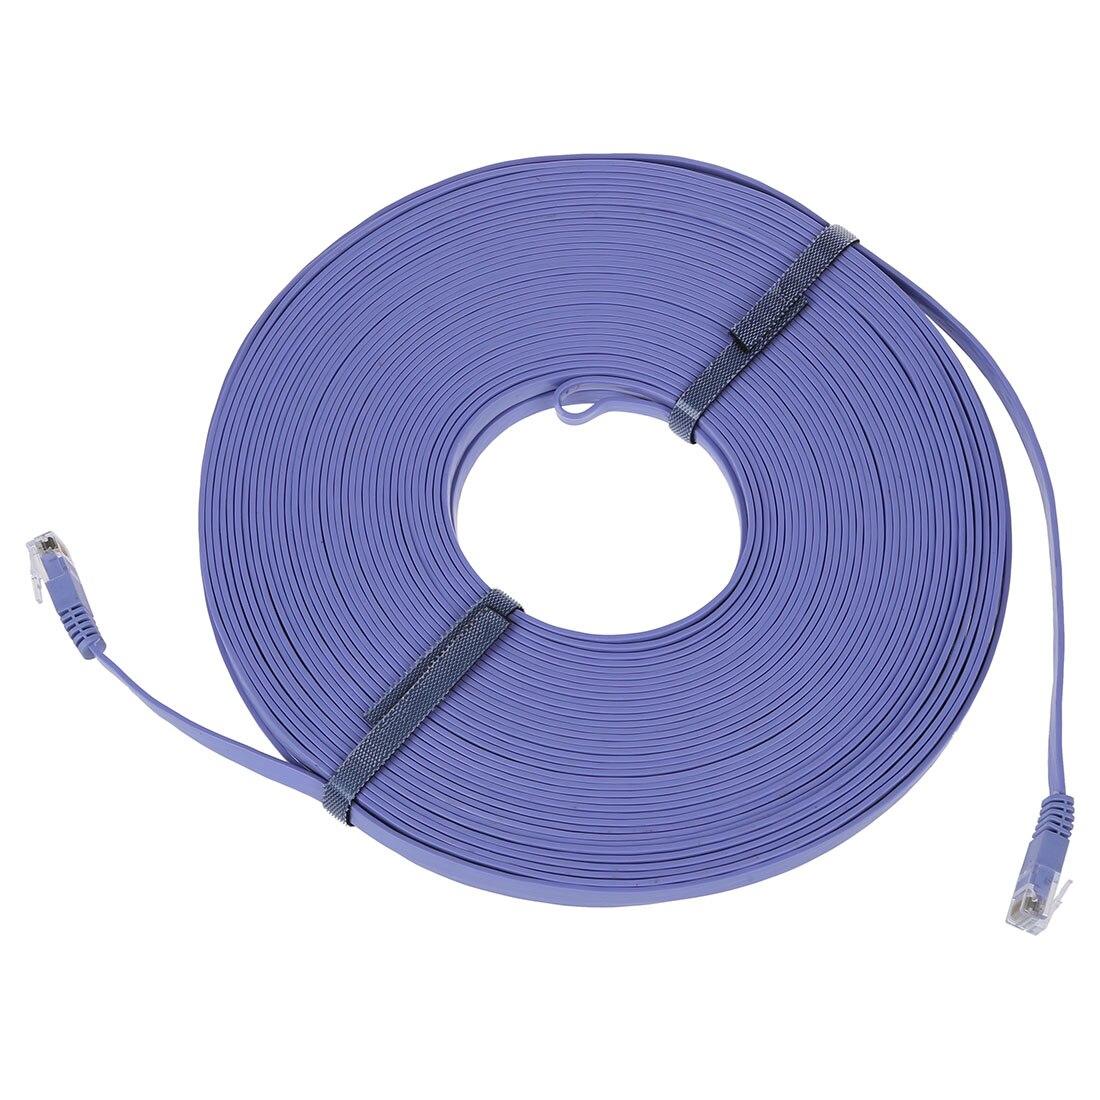 98FT 30M CAT6 CAT 6 plat câble réseau Ethernet UTP RJ45 Patch LAN cordon bleu